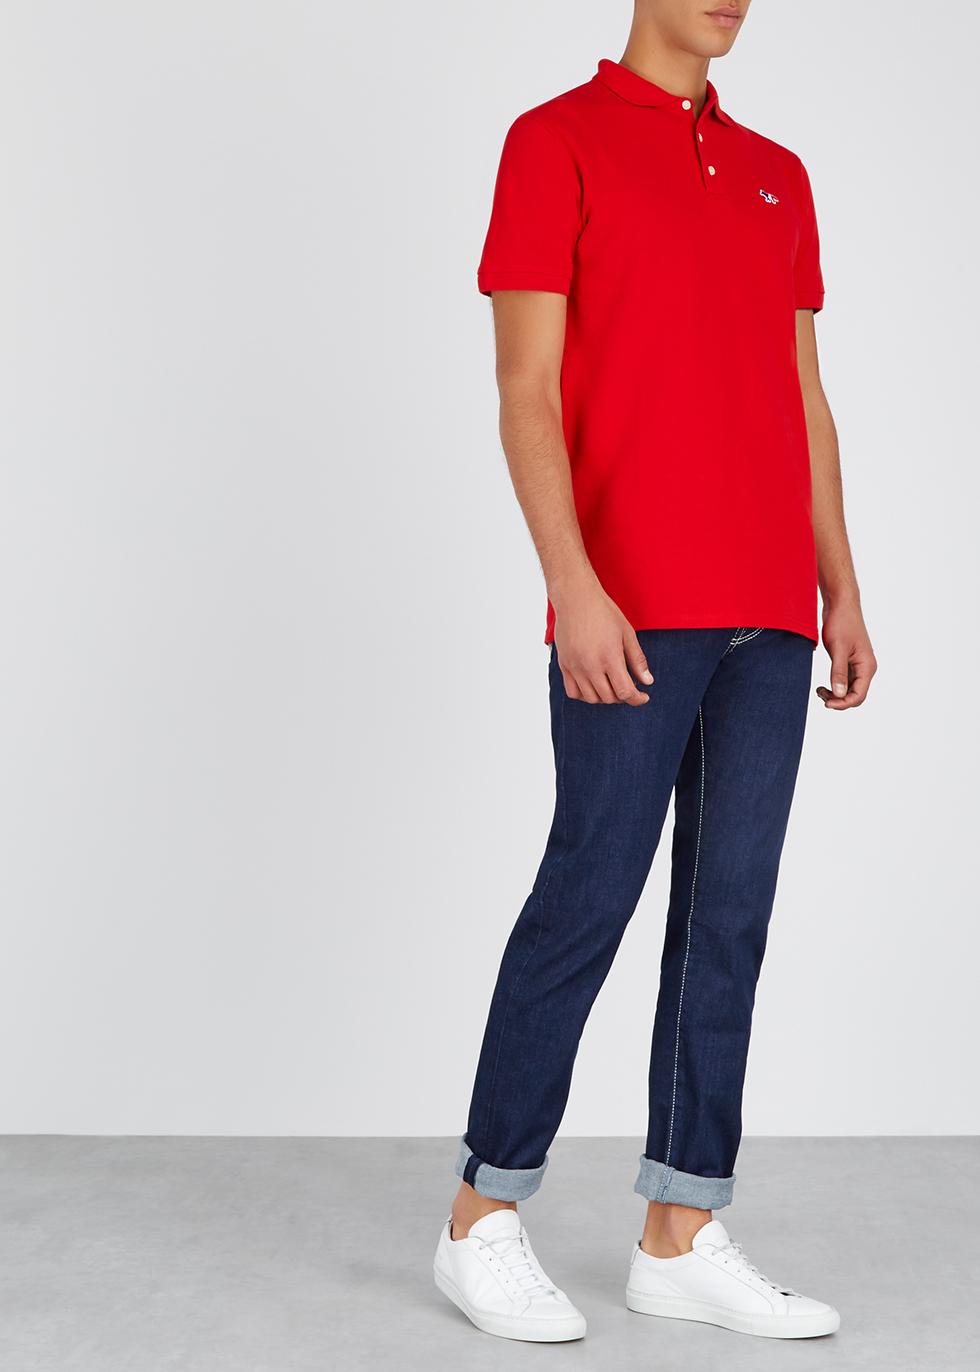 J625 dark blue slim-leg jeans - Jacob Cohën